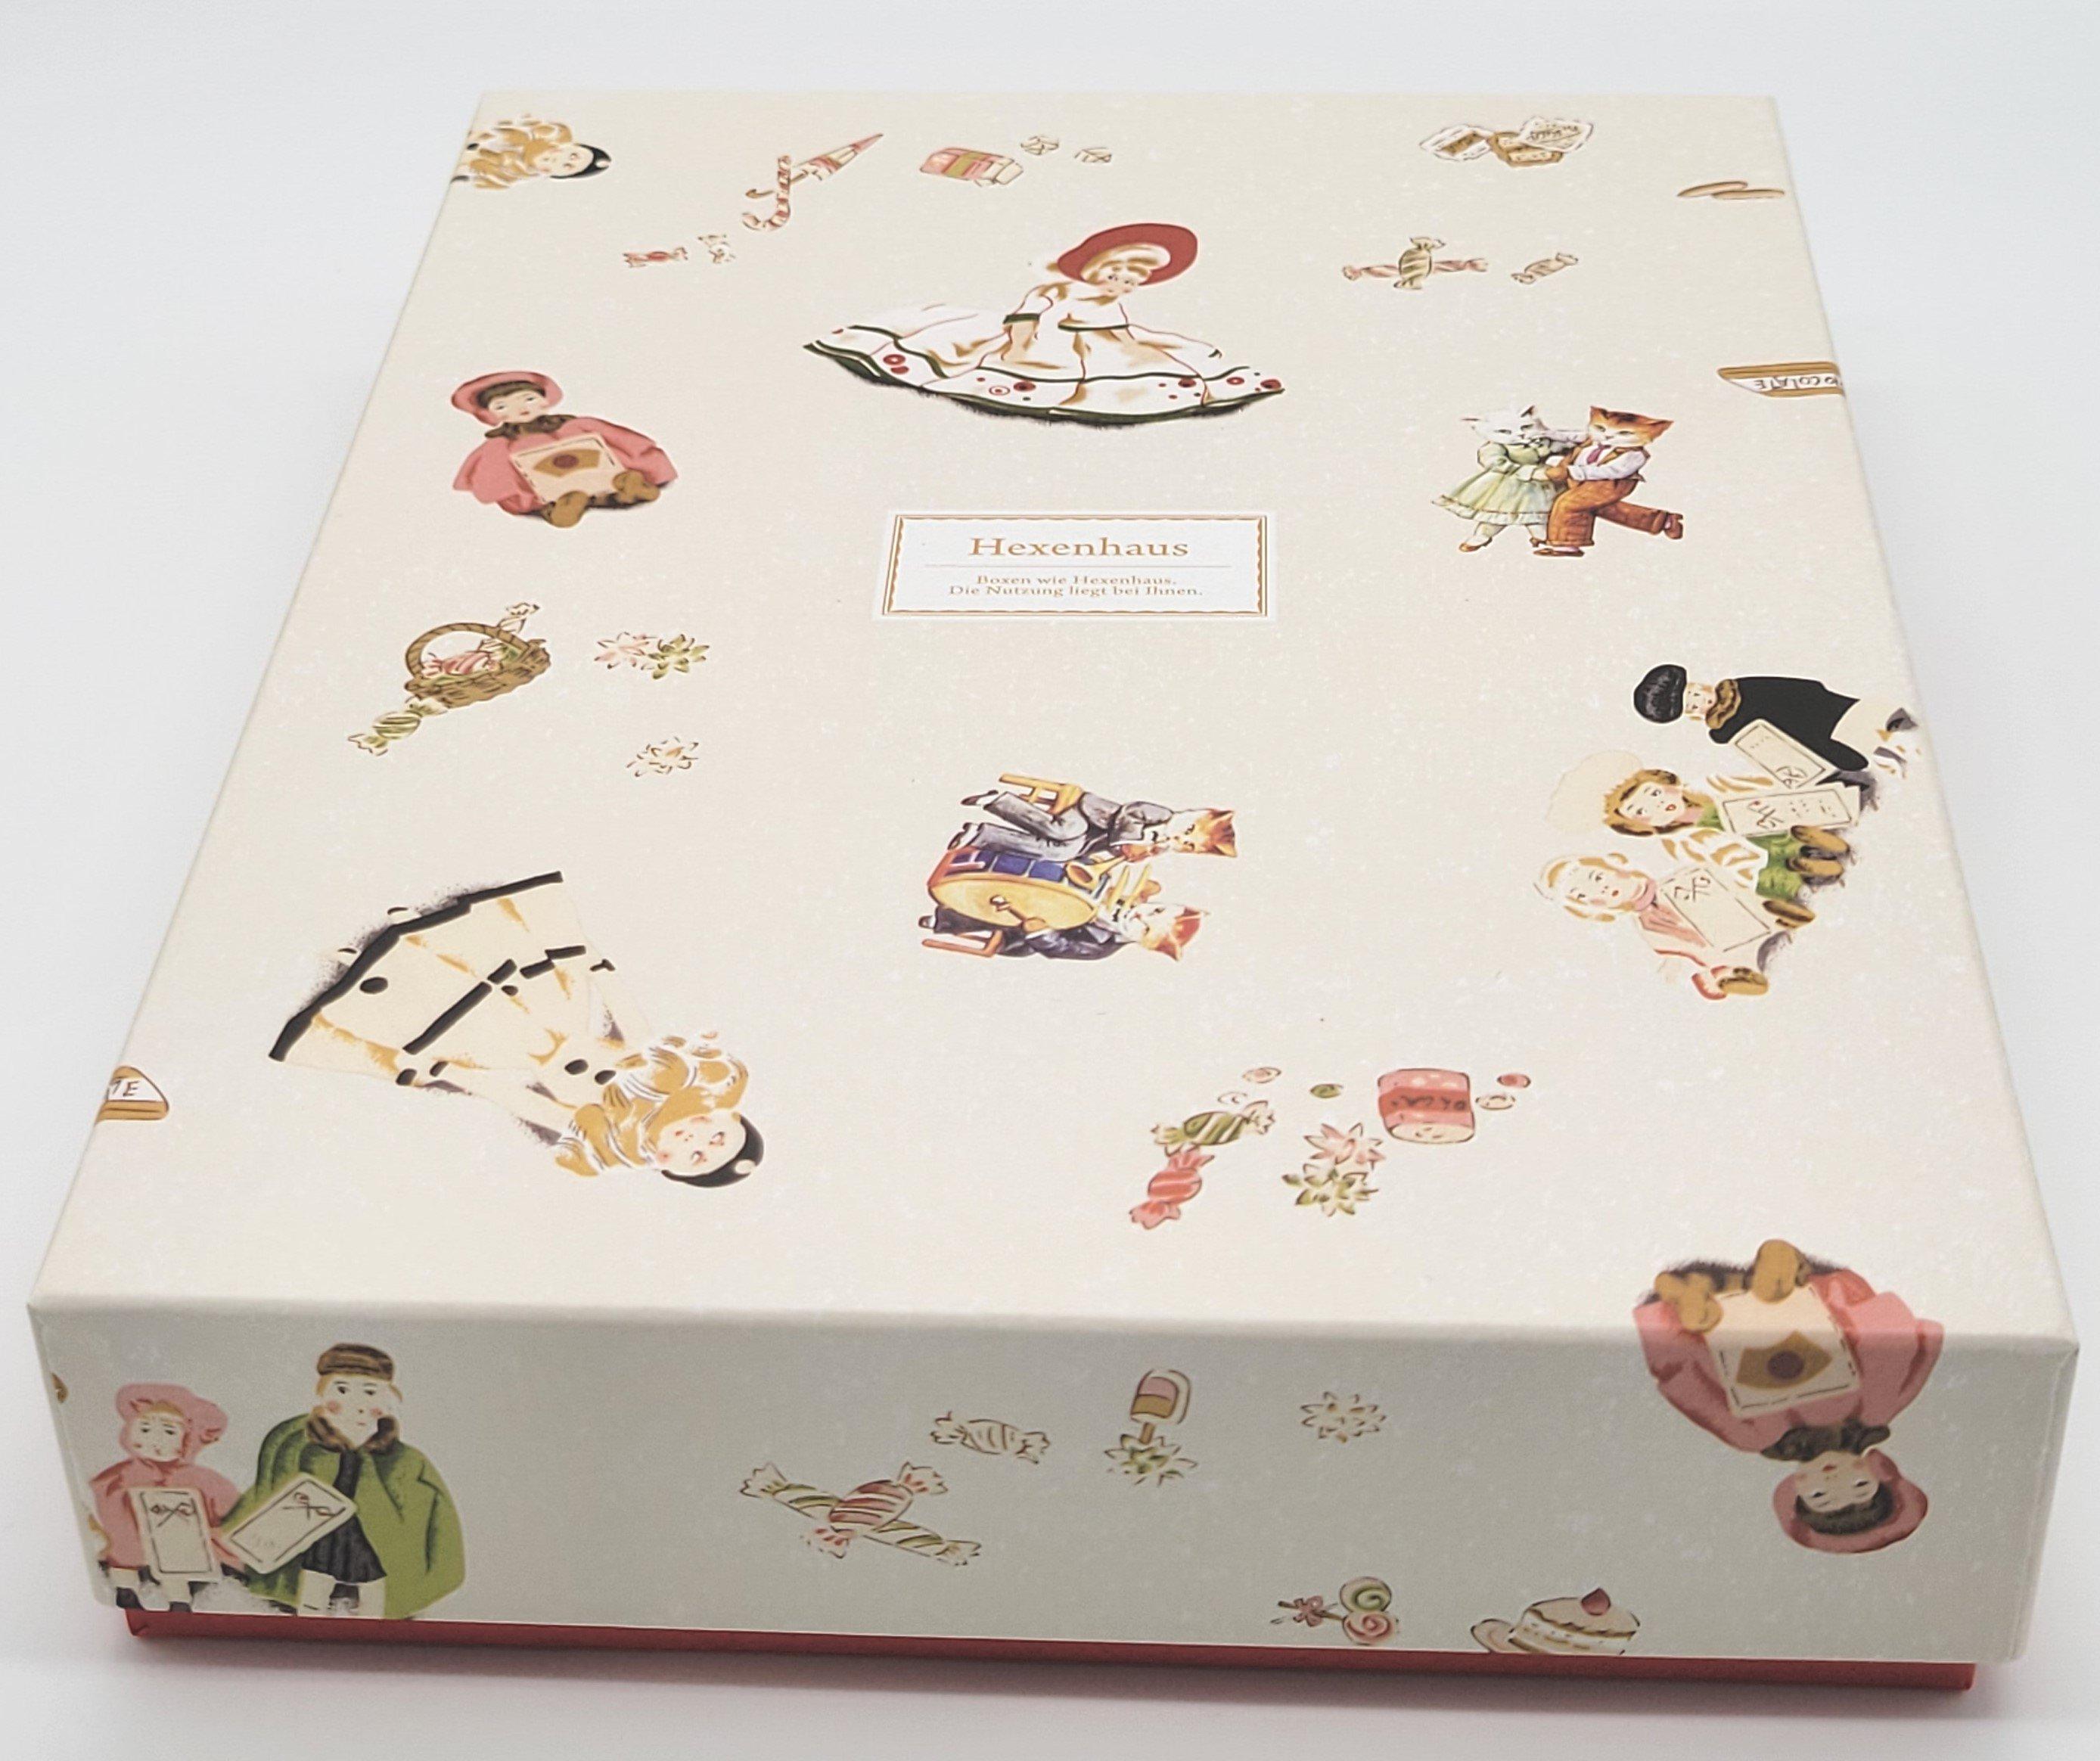 かわいいお人形さん等イラスト入り書類箱 かわいいお人形さん等イラスト入り書類箱紙製 新作 大人気 ギフトボックス 箱書類収納ケース 値引き 書類整理ボックス